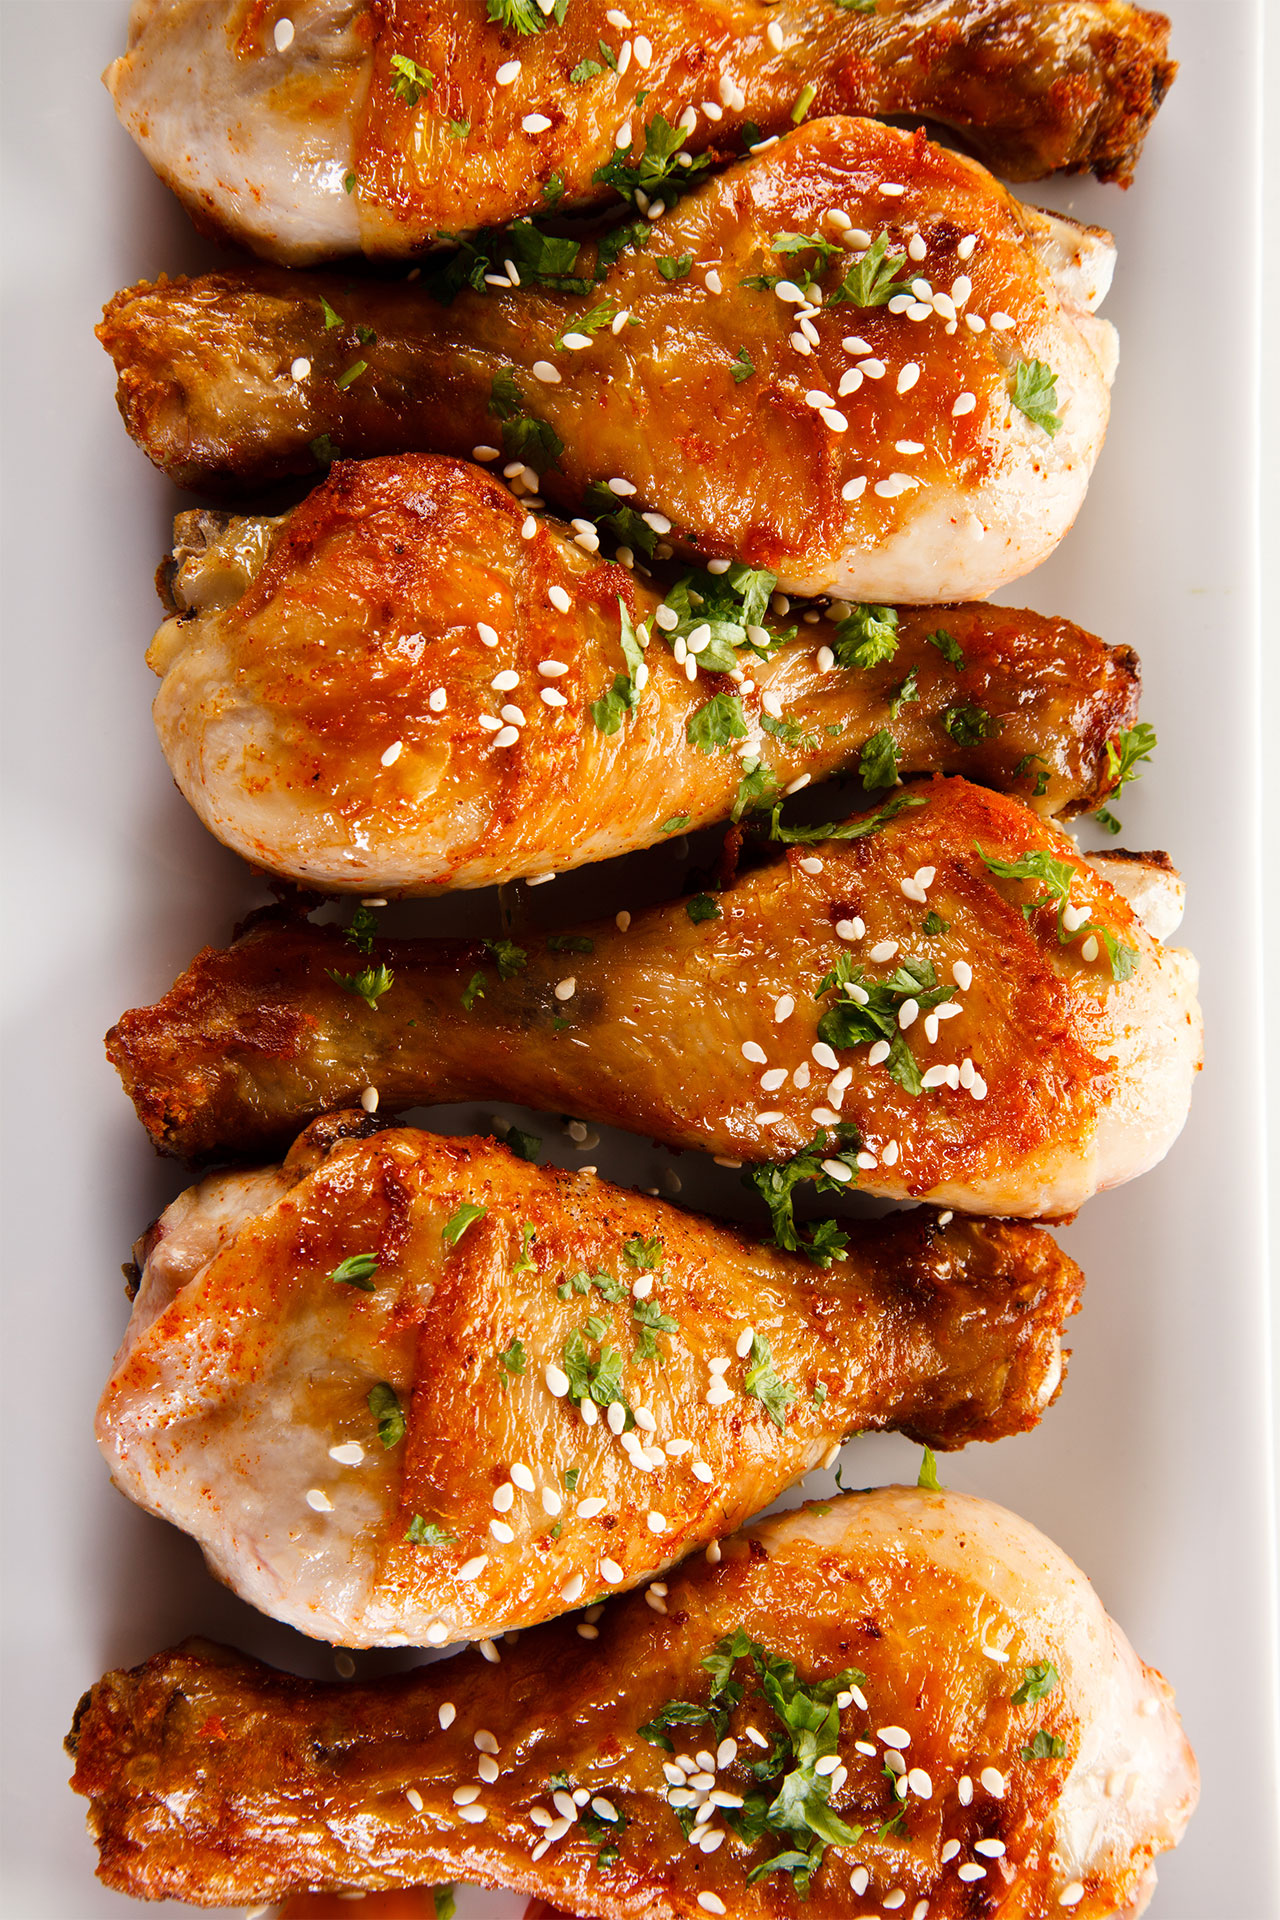 Kurczak to kurczak, <br /> czy każdy smakuje tak samo?